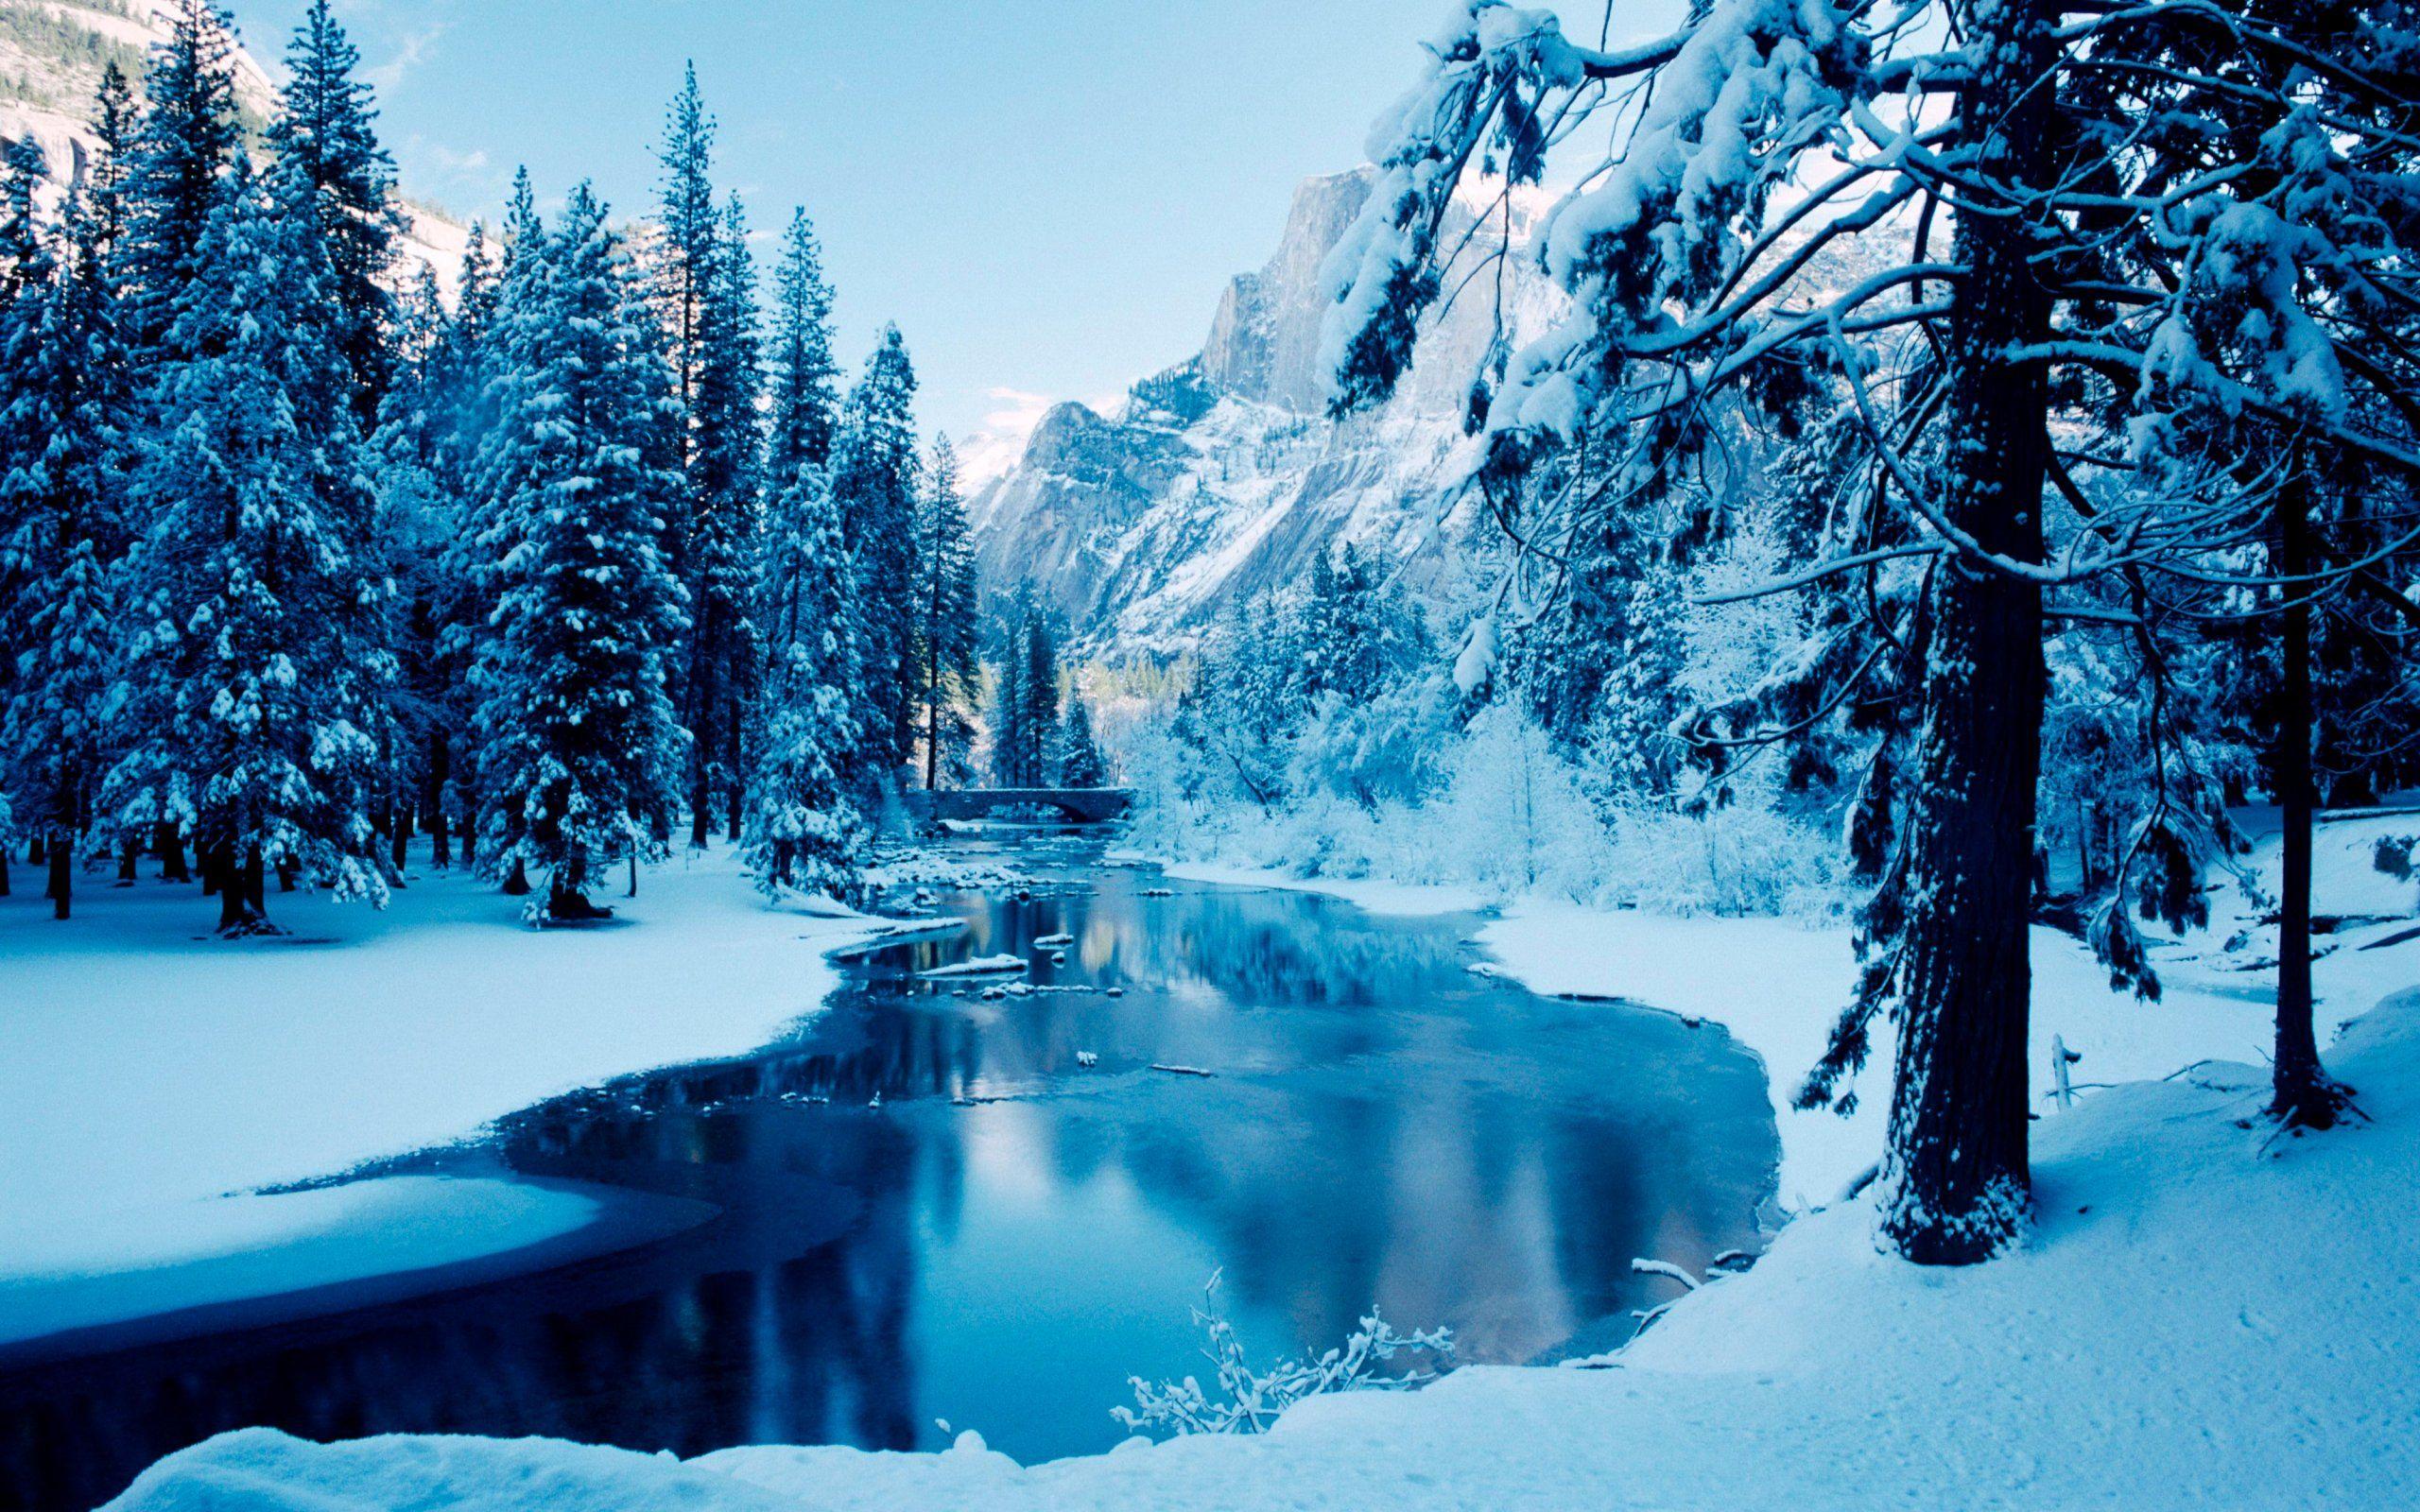 Kış Resimleri Fotoğrafları Kış Resmi Nasıl Yapılır Kış Resmi Nasıl